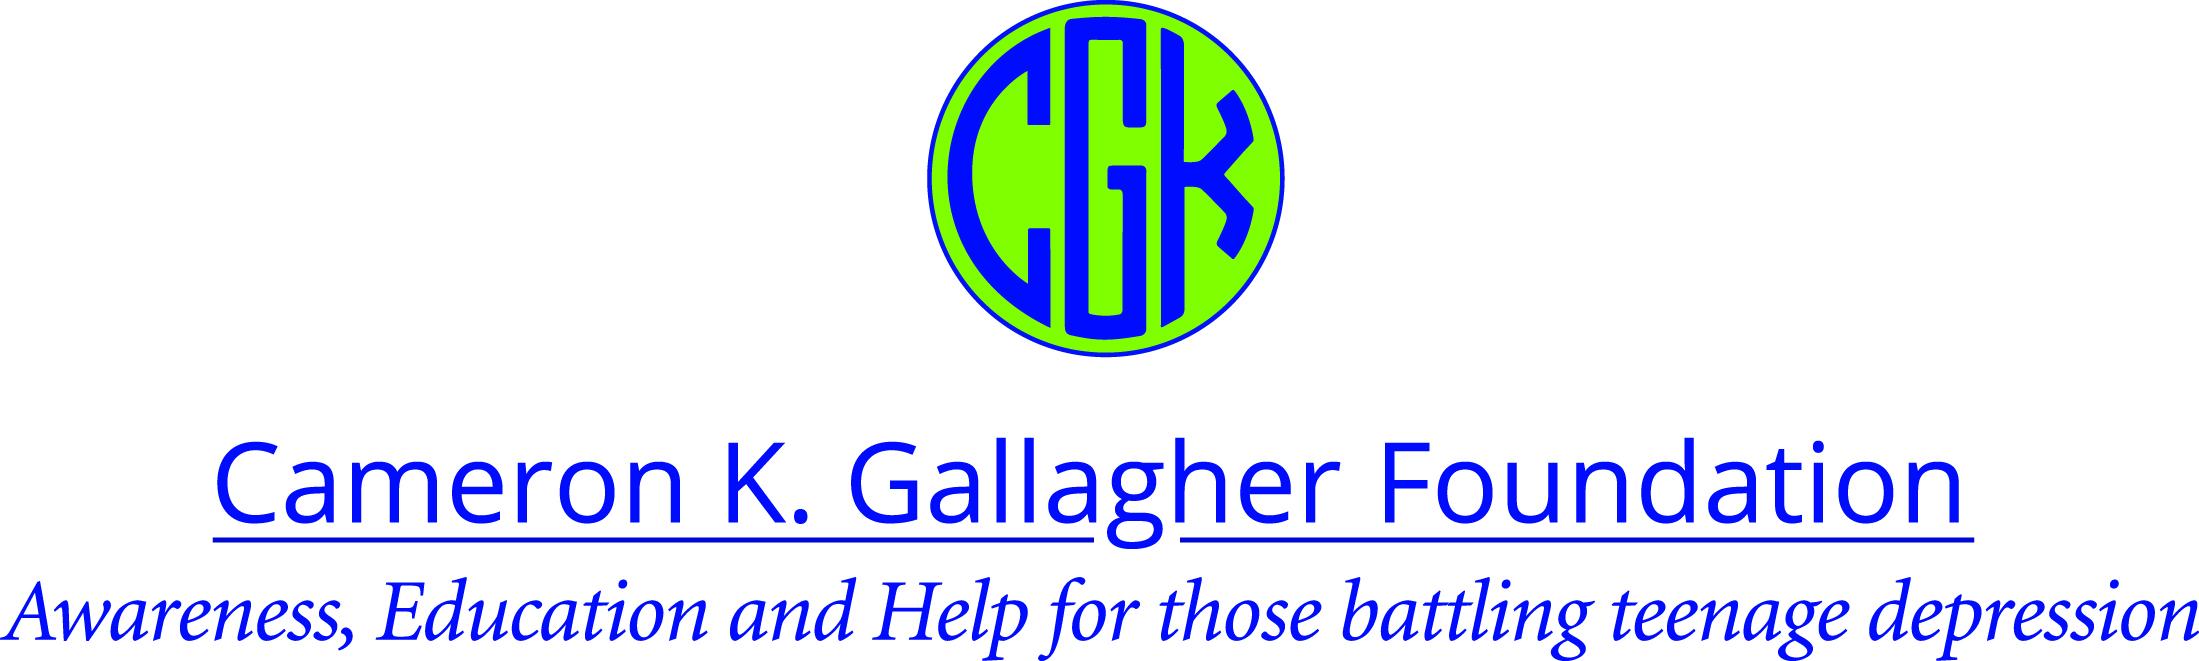 Cameron Gallagher Foundation